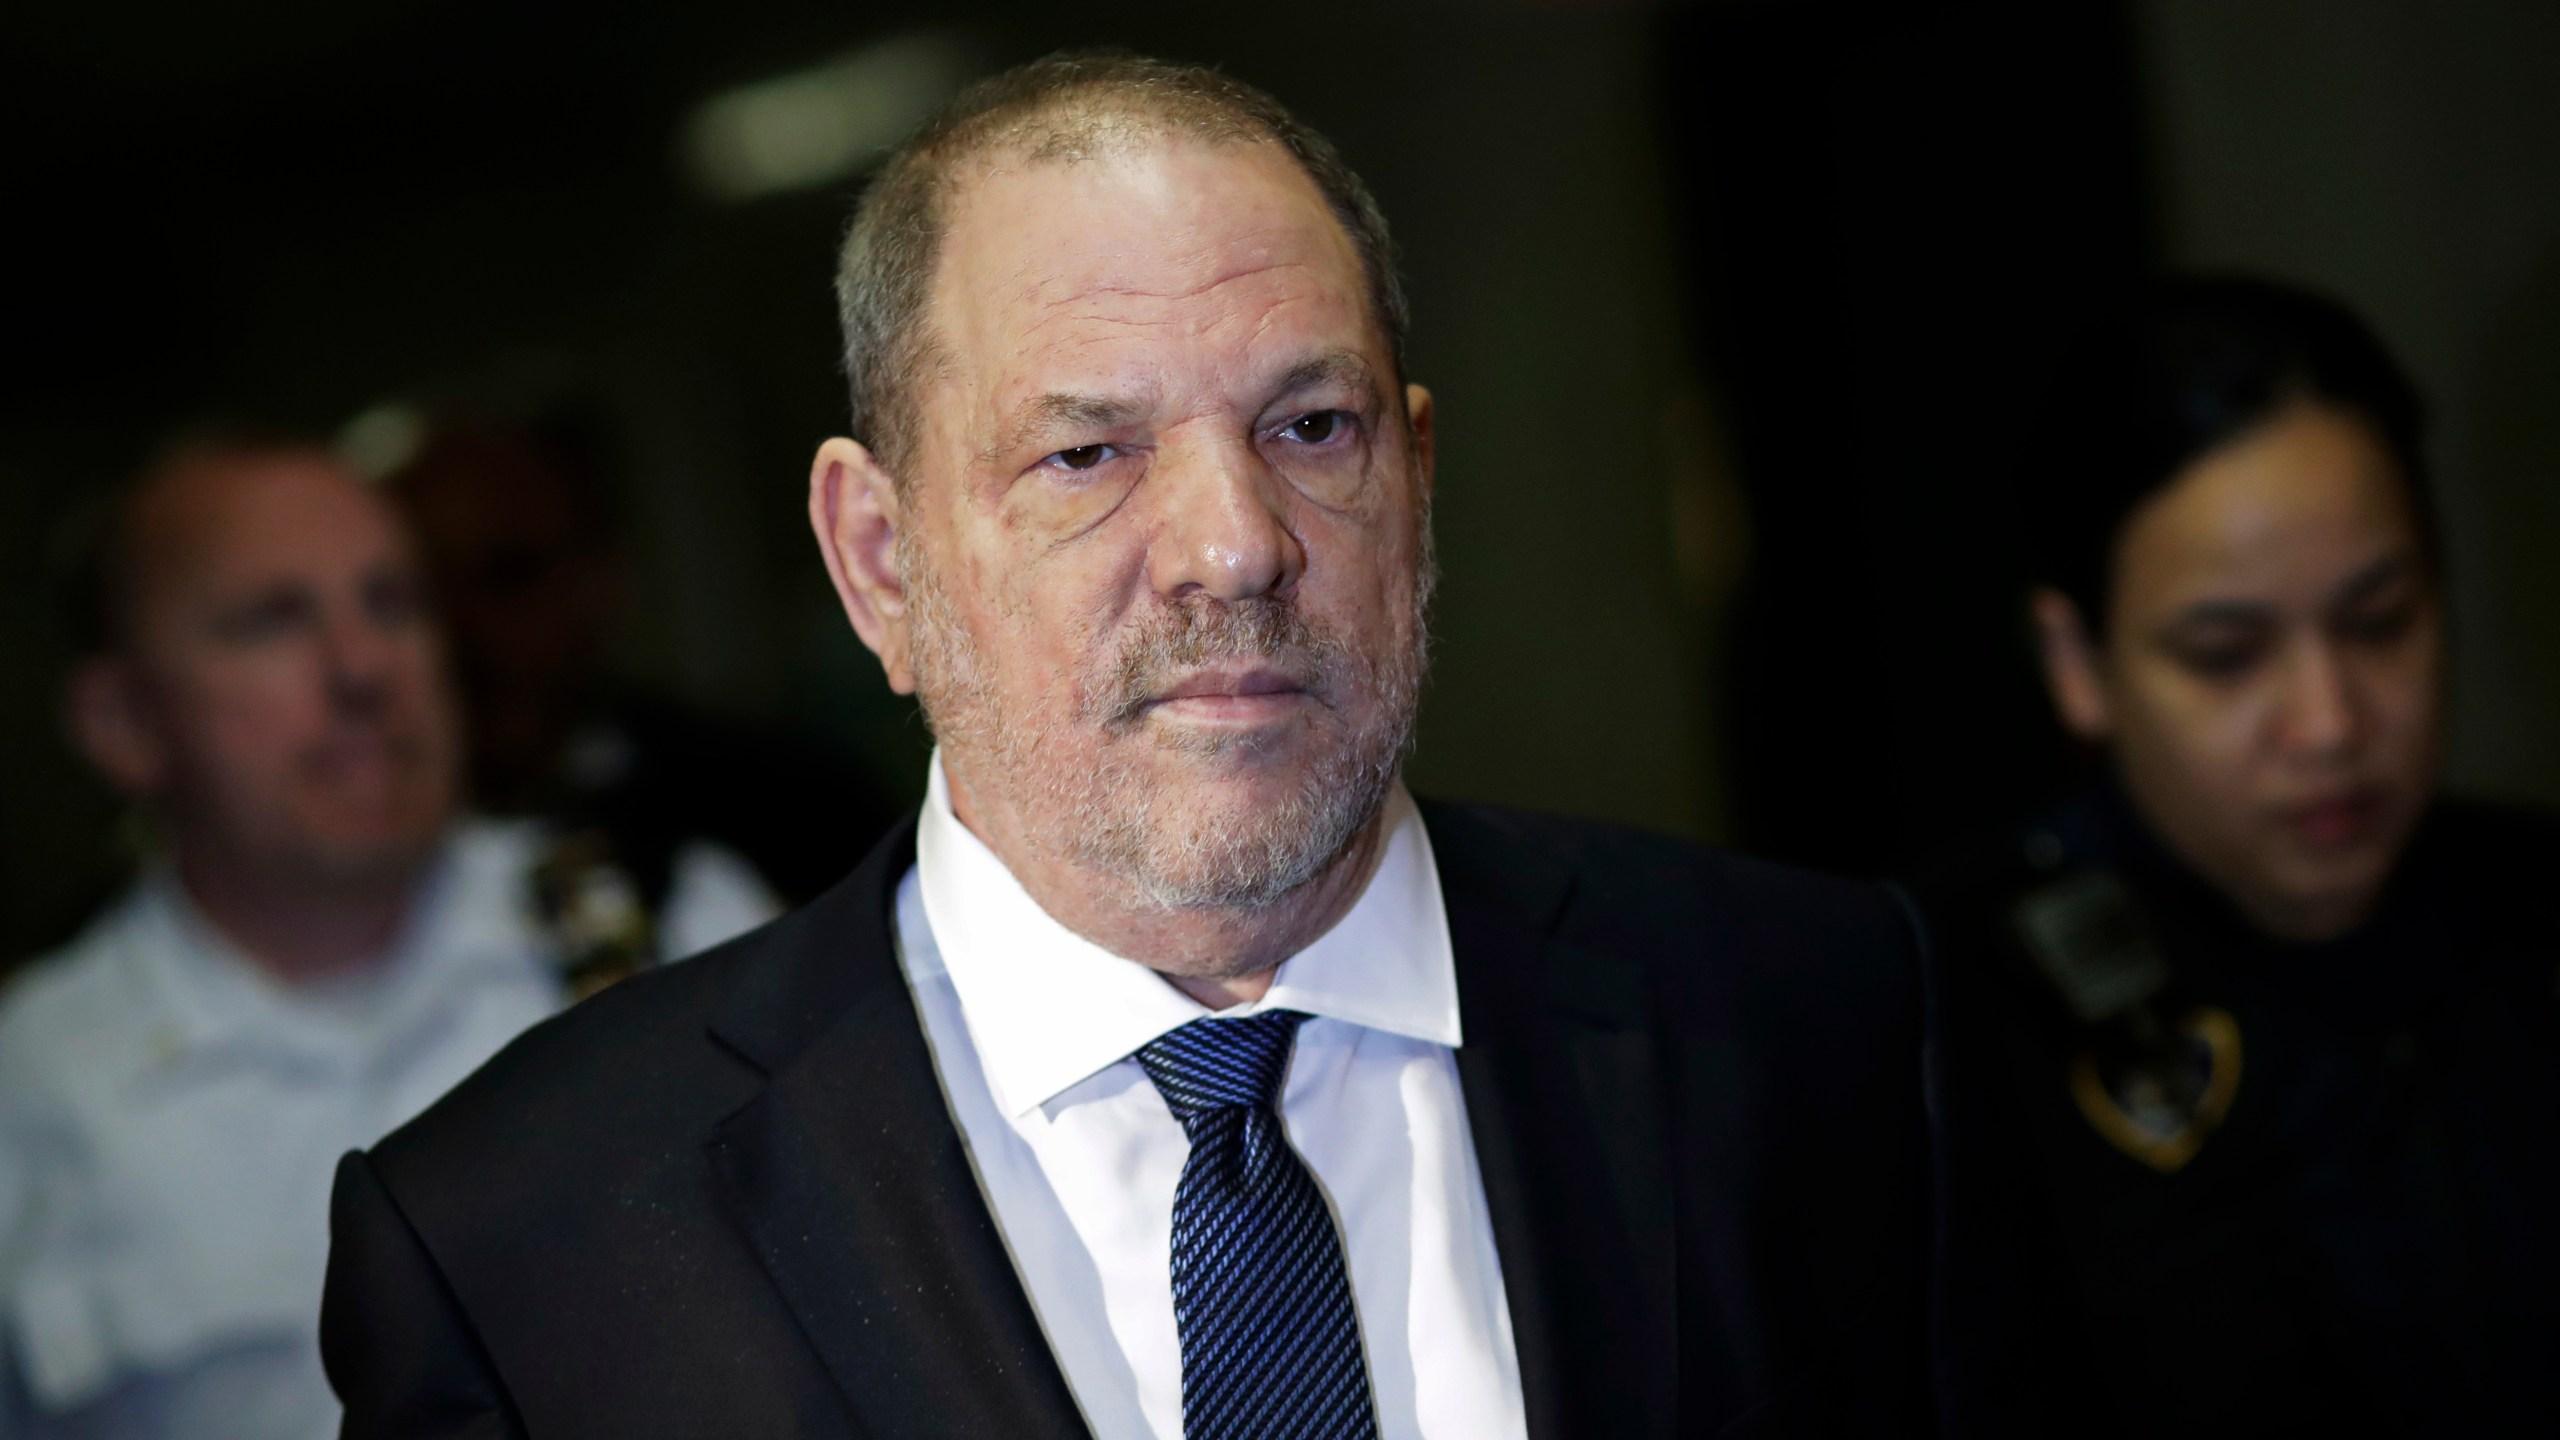 Sexual_Misconduct_Harvey_Weinstein_70388-159532.jpg92180777